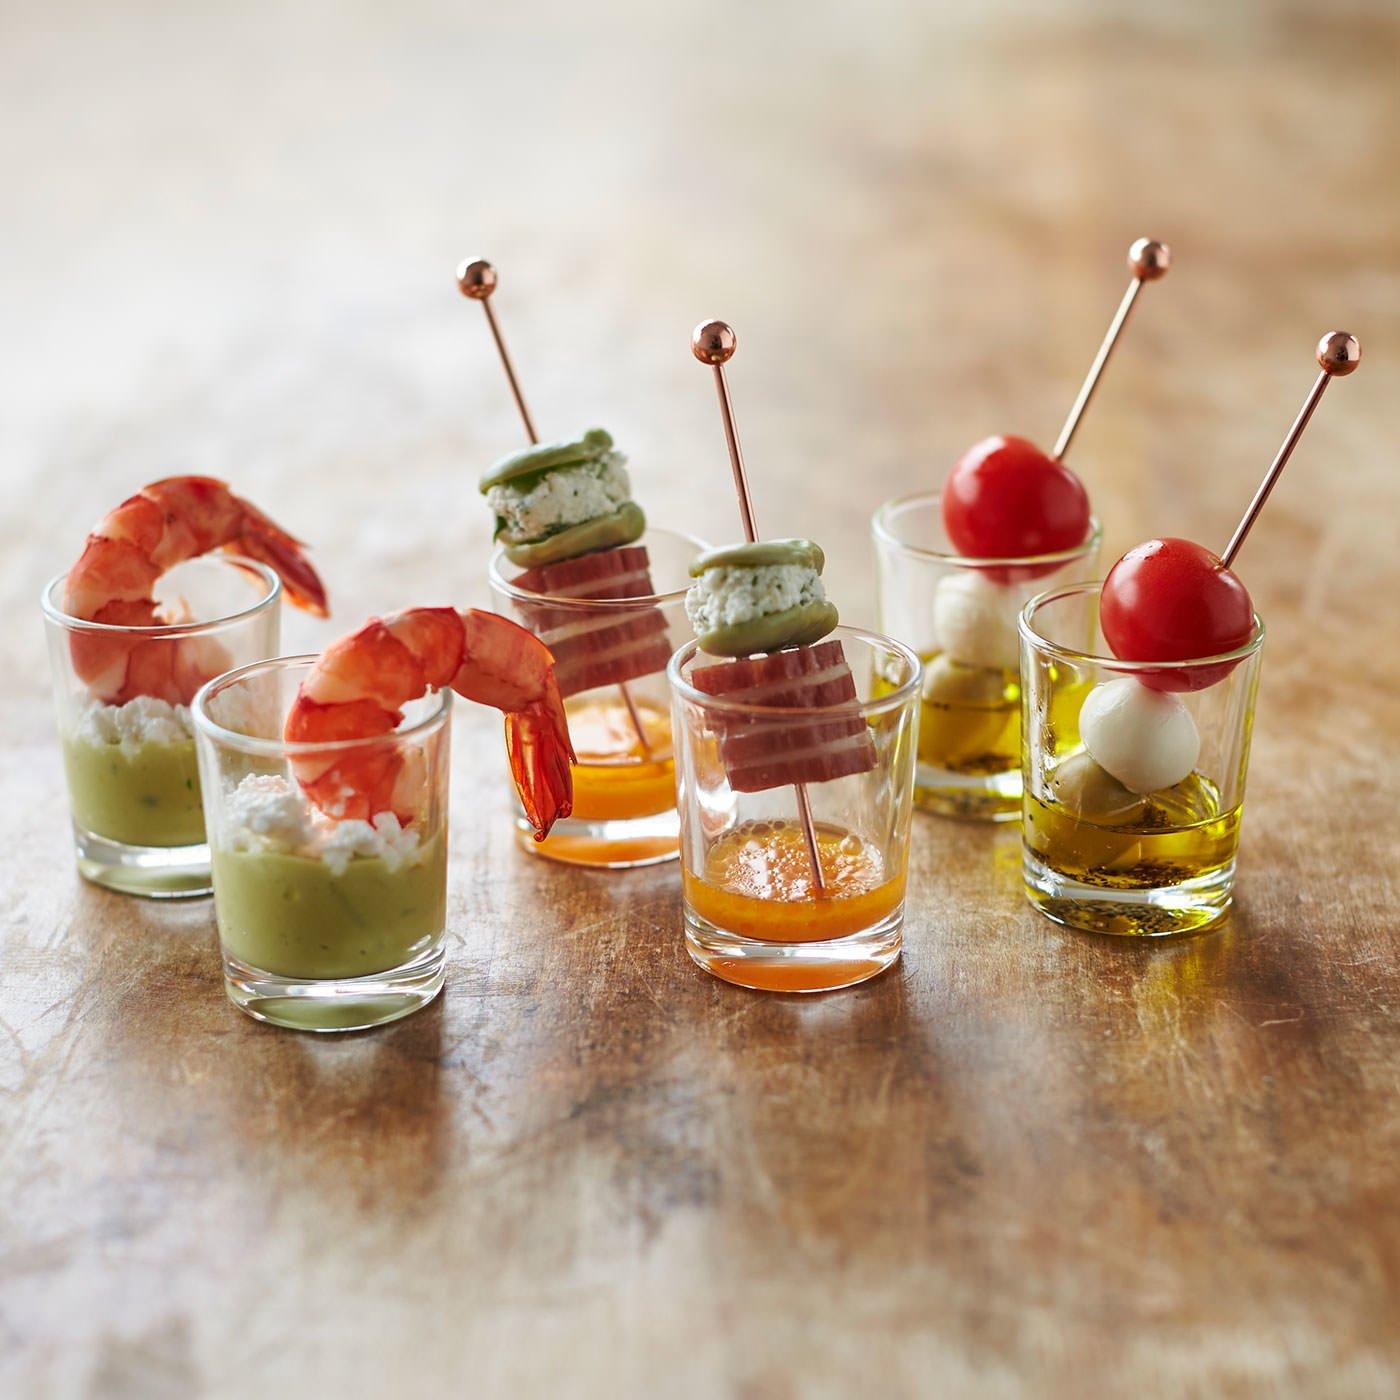 前菜やデザートにも使える フランス製ミニグラス6個セットの会